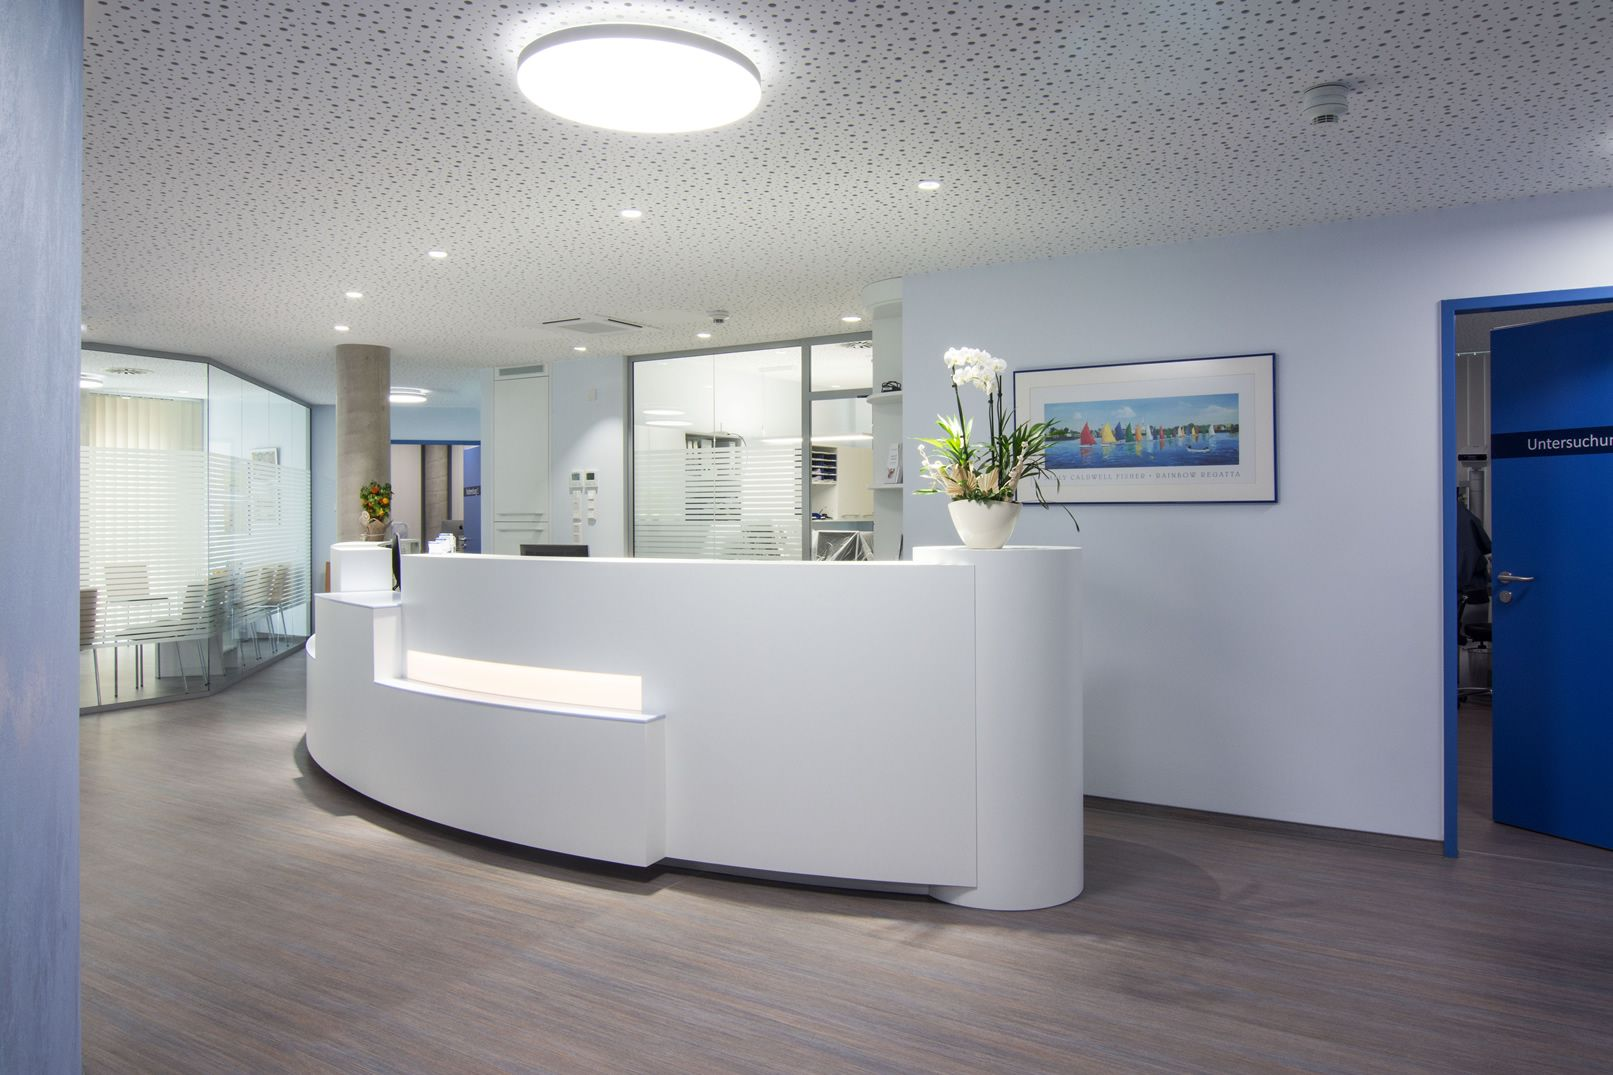 Innenarchitekten Bremen augenarztpraxis bremen thöne innenarchitektur arztpraxis